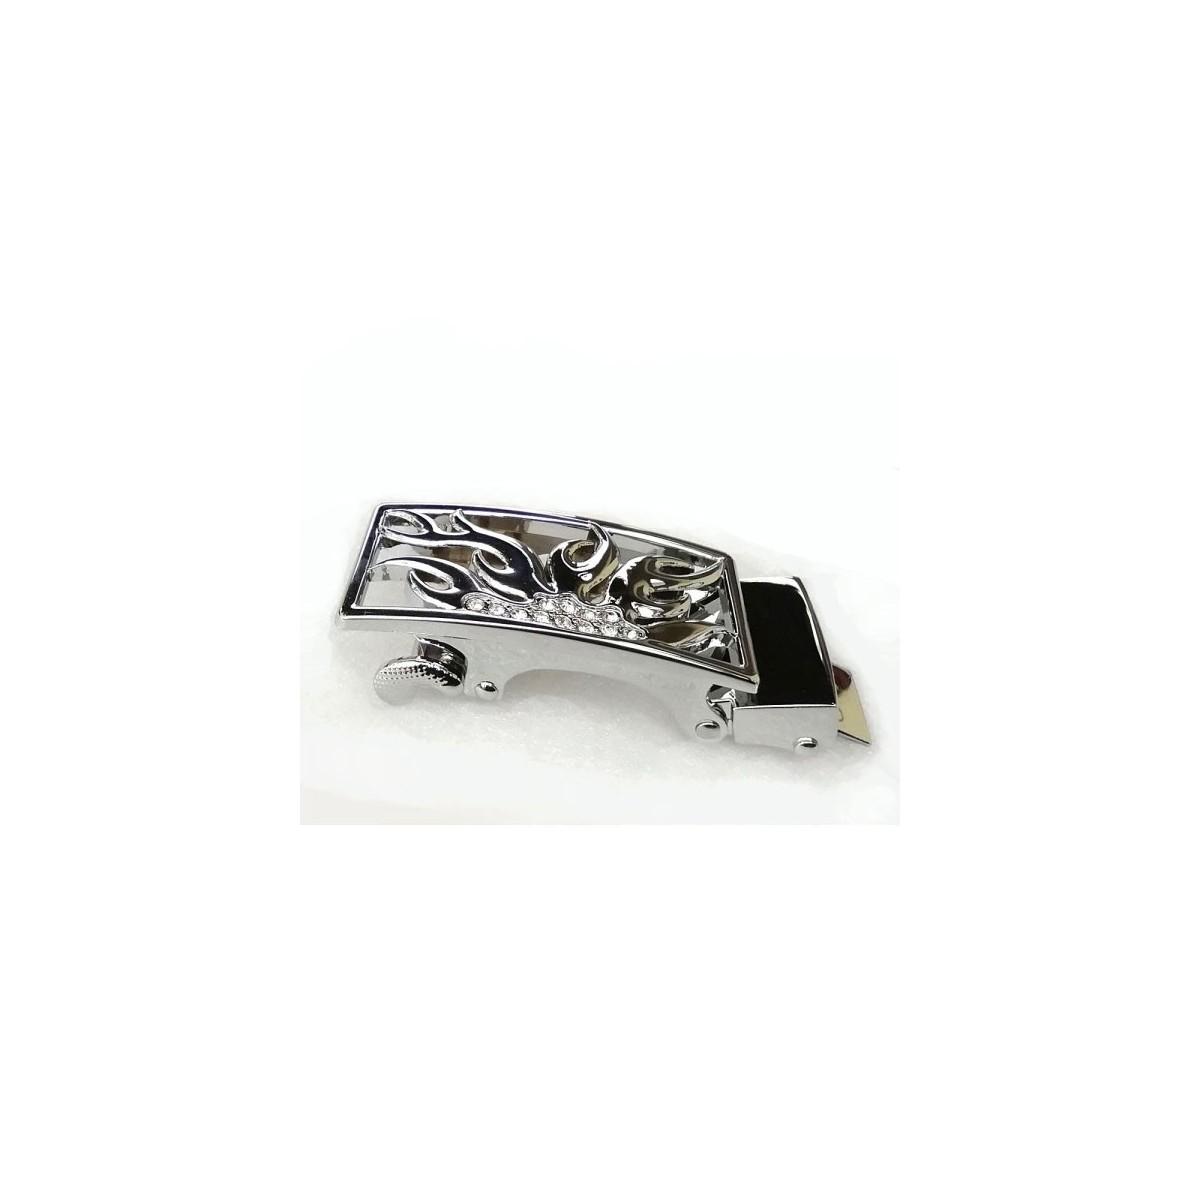 Boucle Flamme argenté pour ceinture Femme Lady à fermeture automatique